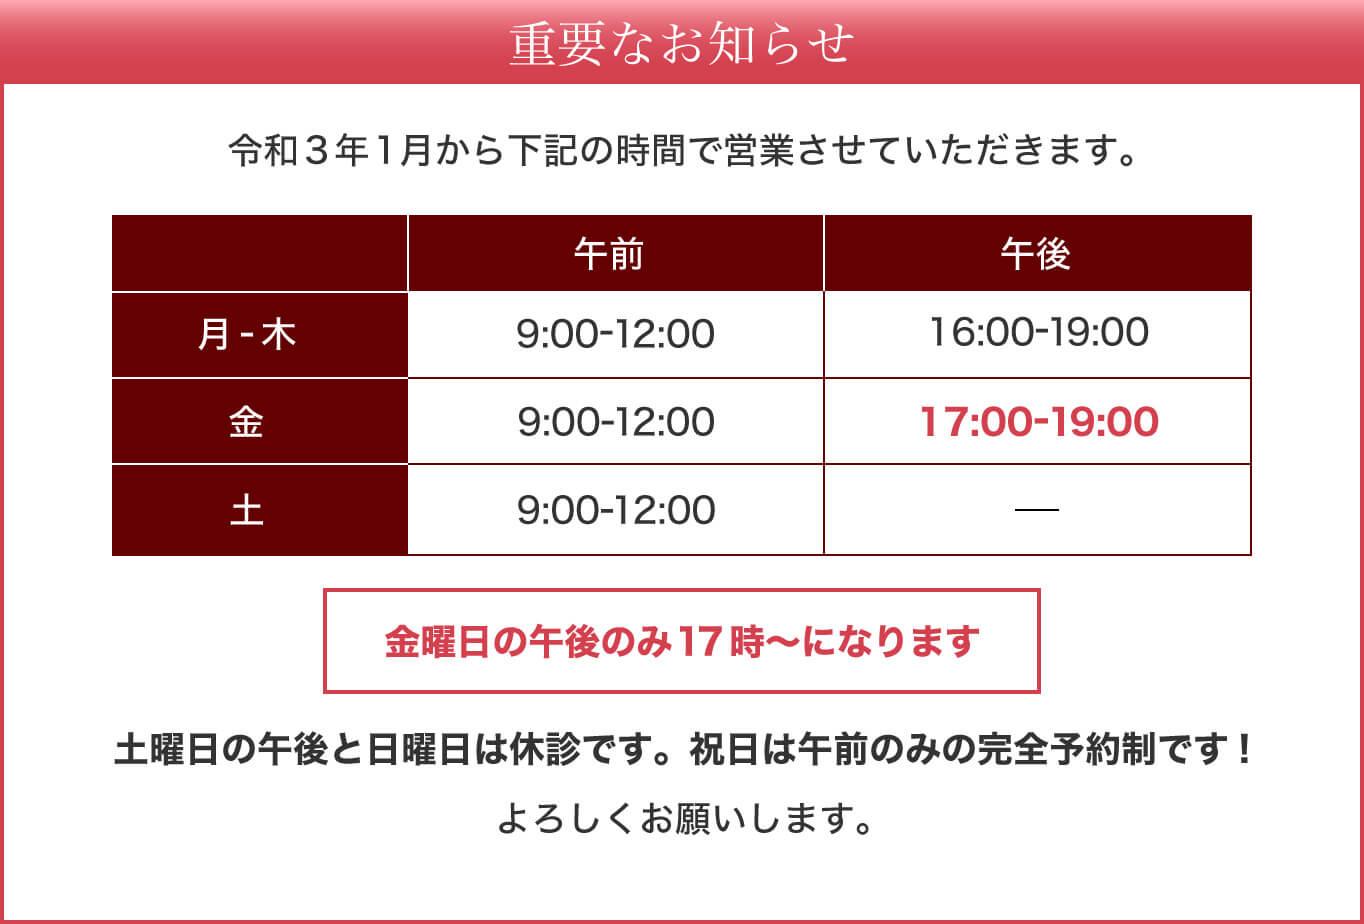 重要なお知らせ 令和3年1月から金曜日の午後のみ17時〜になります